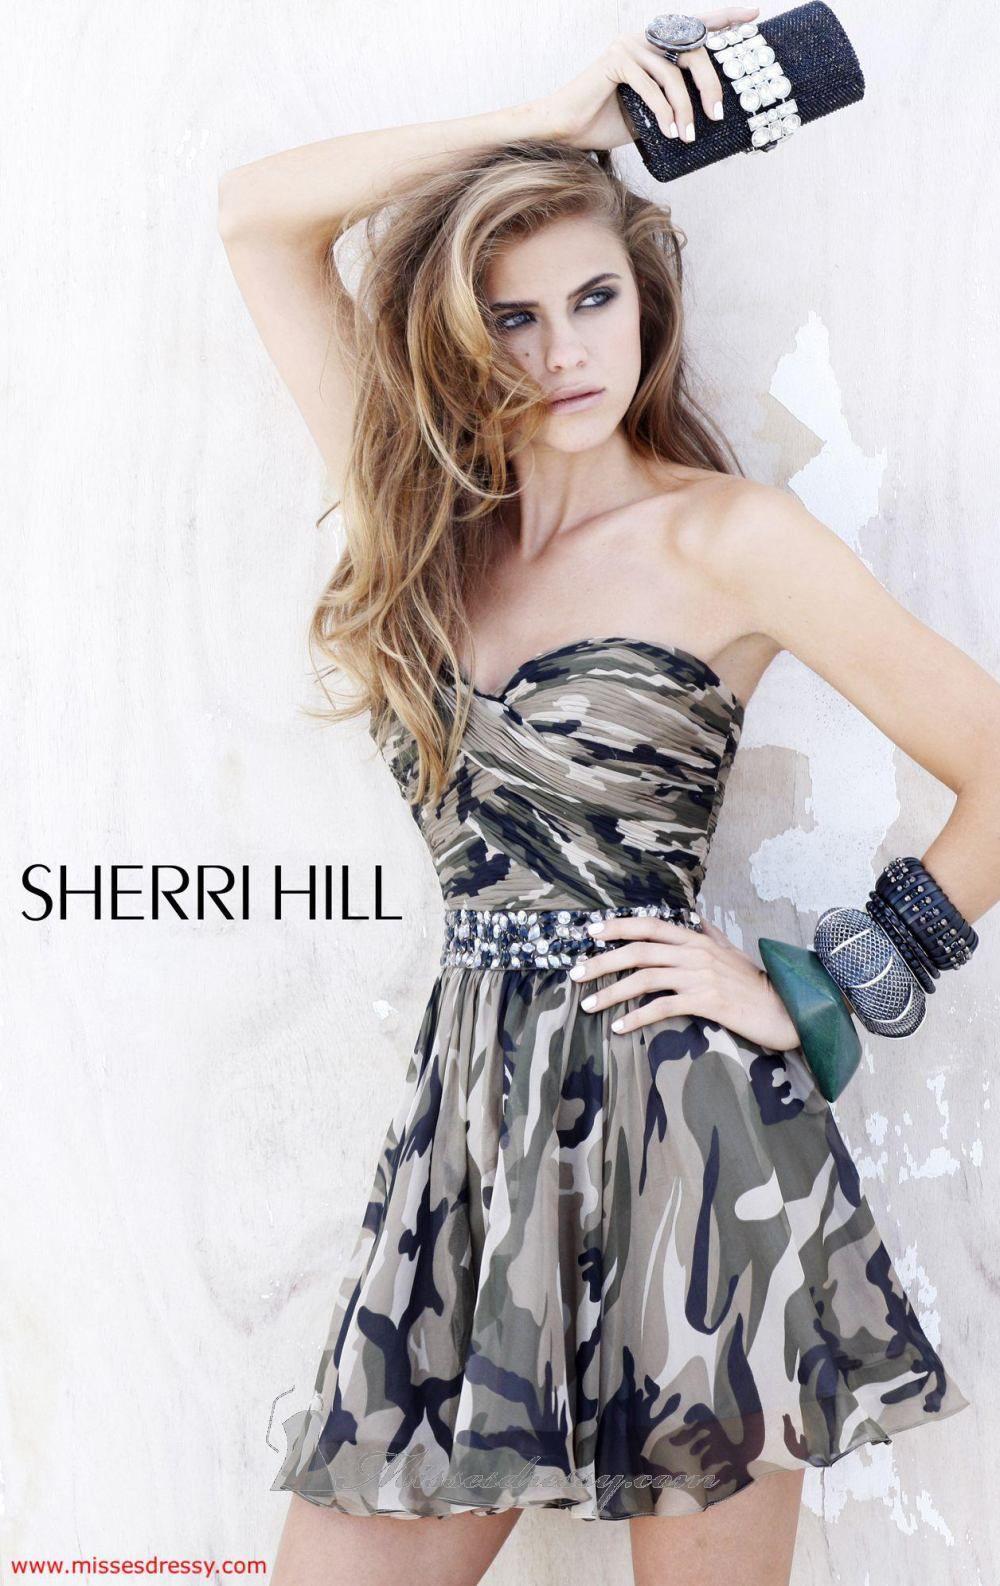 Vestido Sherri Hill 2905 - MissesDressy.com   Vestidos de fiesta ...